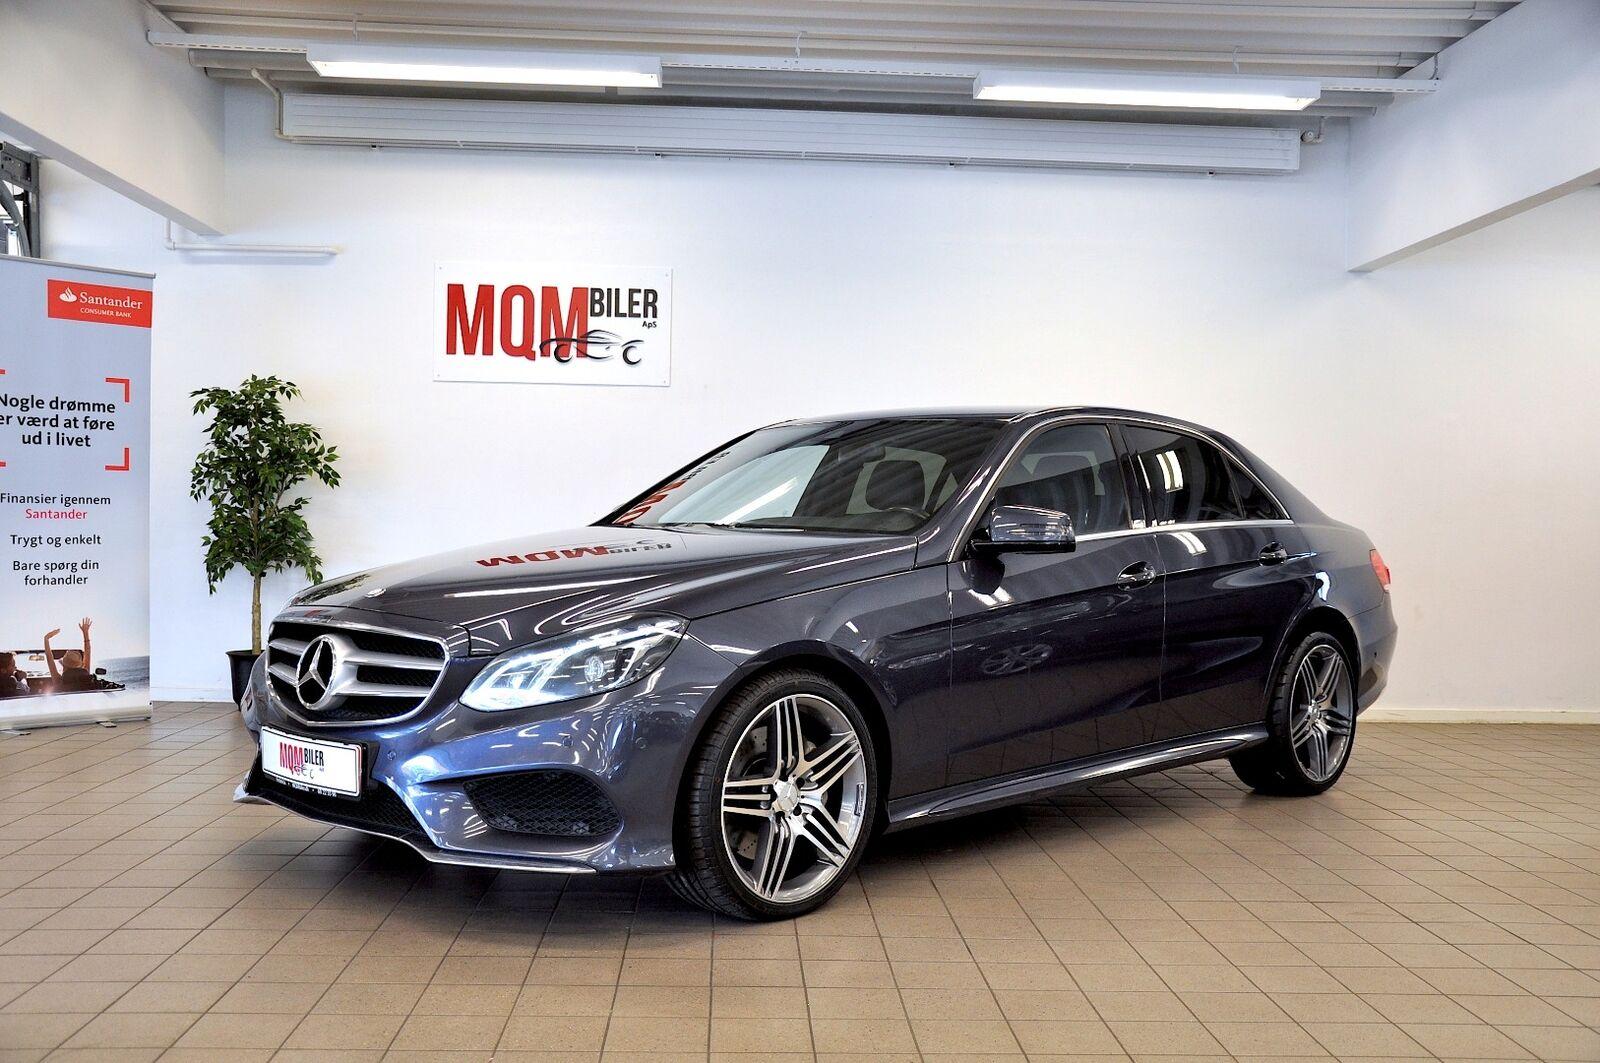 Mercedes E350 3,0 BlueTEC AMG Line aut. 4d - 309.900 kr.